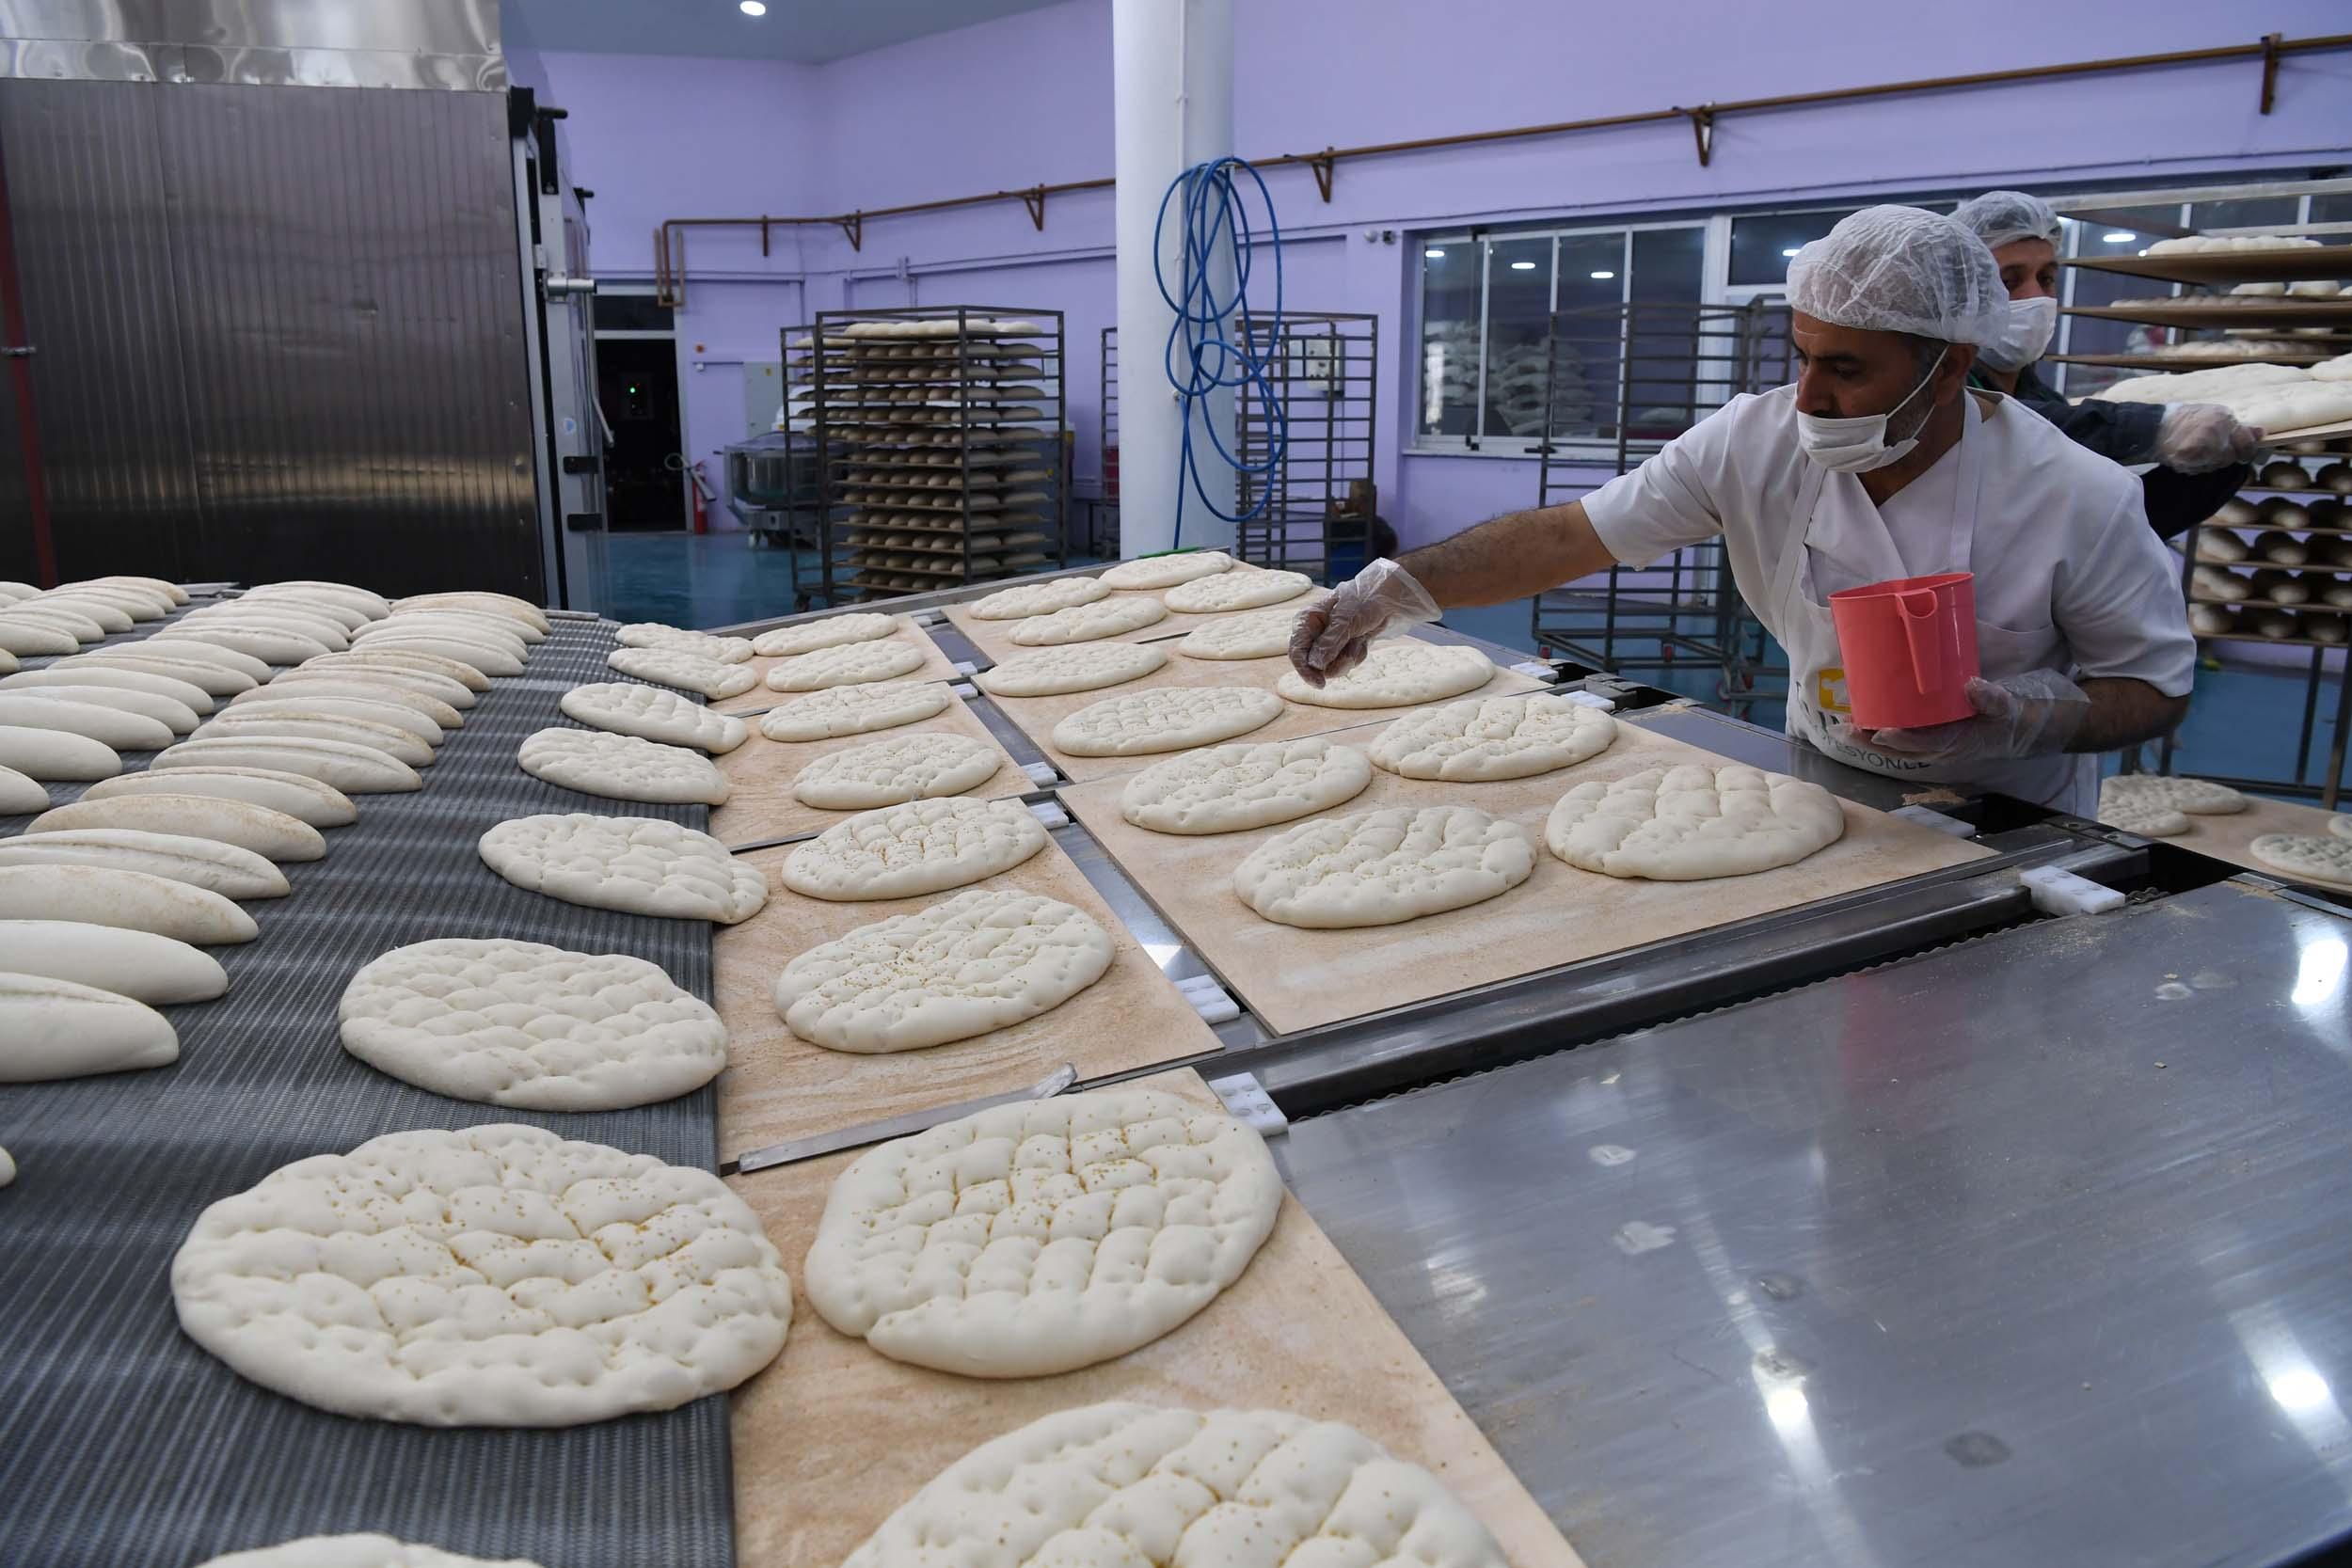 Muş Halk Ekmek Fabrikası'nda Ramazan Pidesi Üretimi Yapılacak